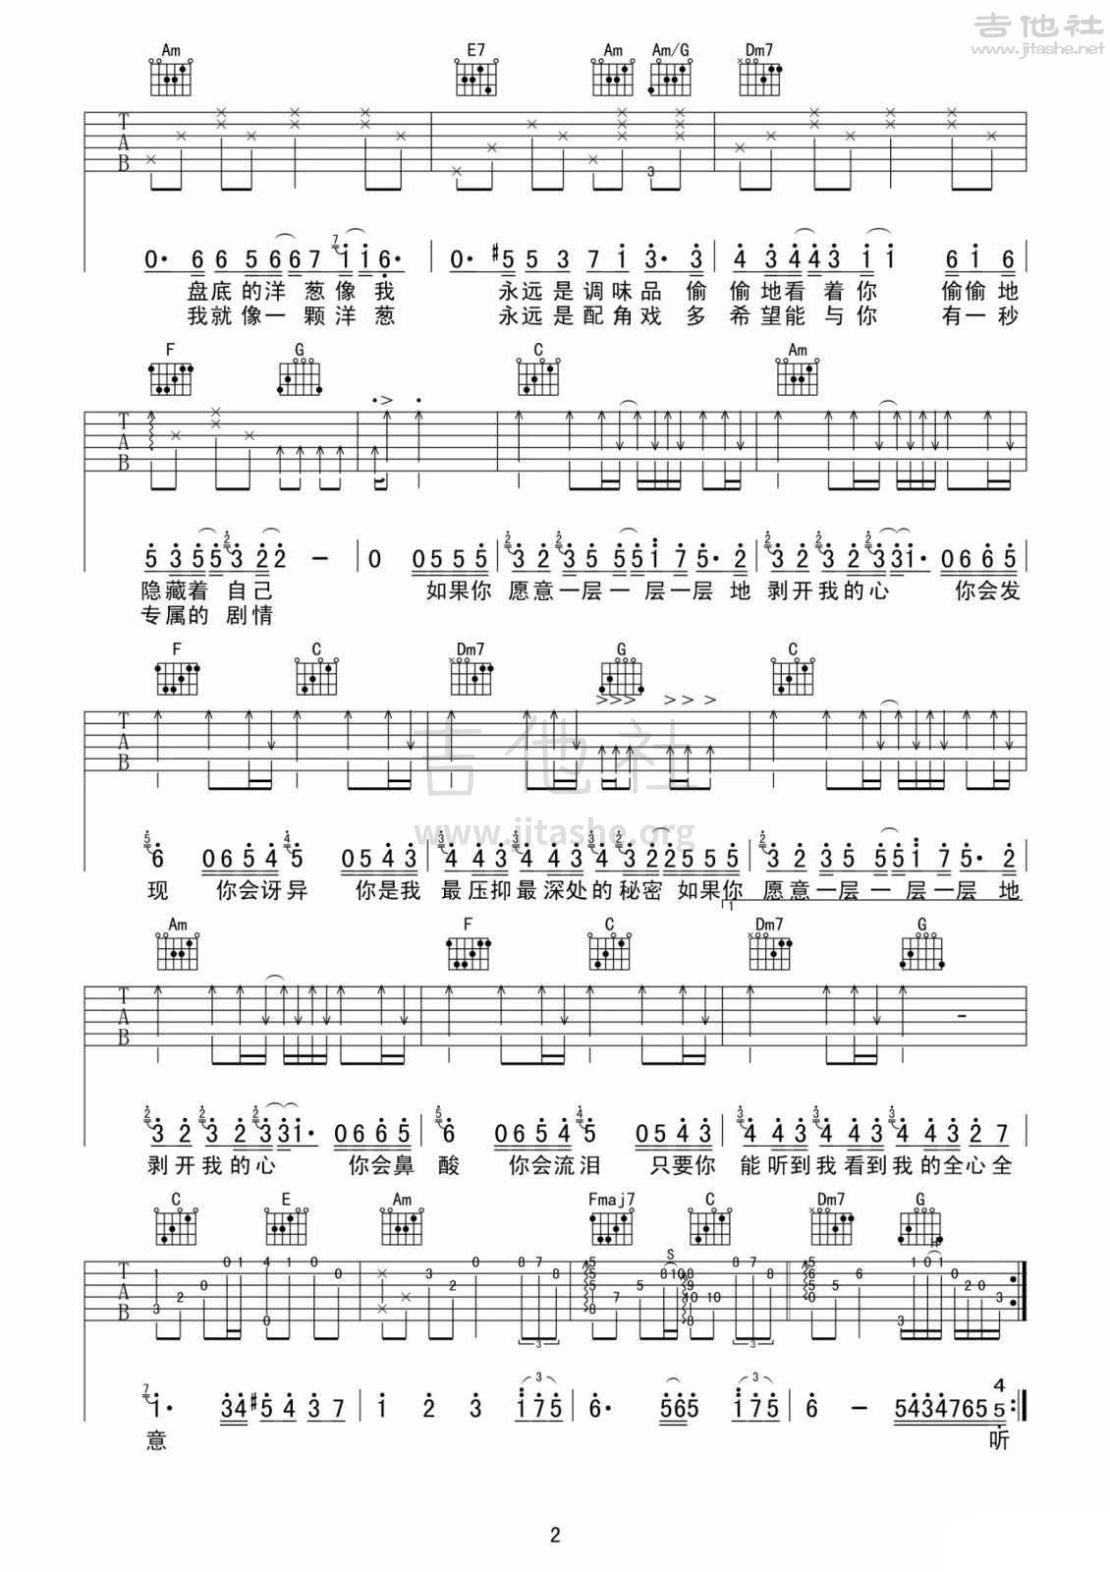 让吉他谱杨宗纬_洋葱吉他谱(图片谱,弹唱)_杨宗纬(aska)_《洋葱》吉他弹唱谱_2.jpg